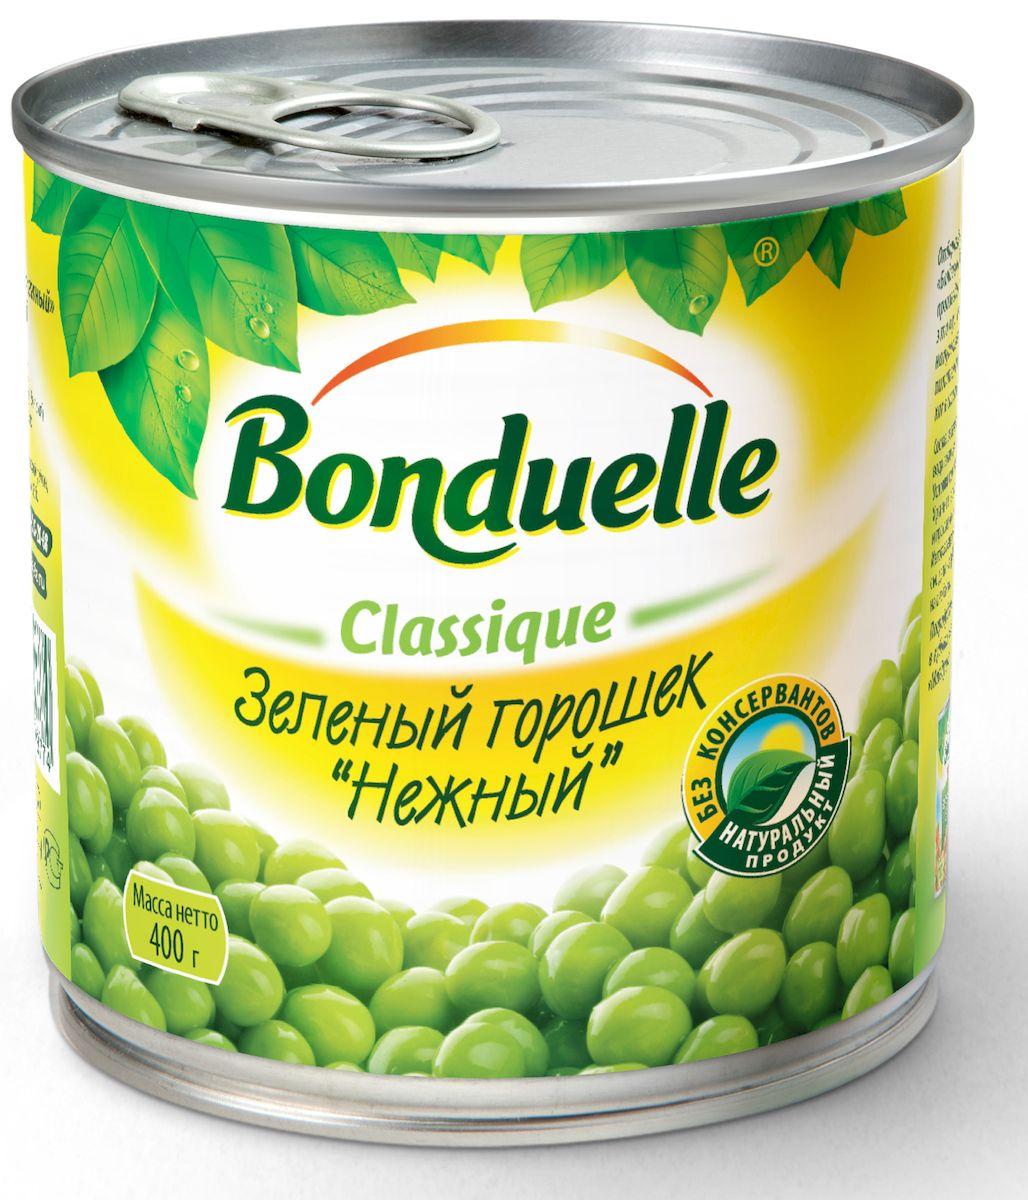 Bonduelle зеленый горошек